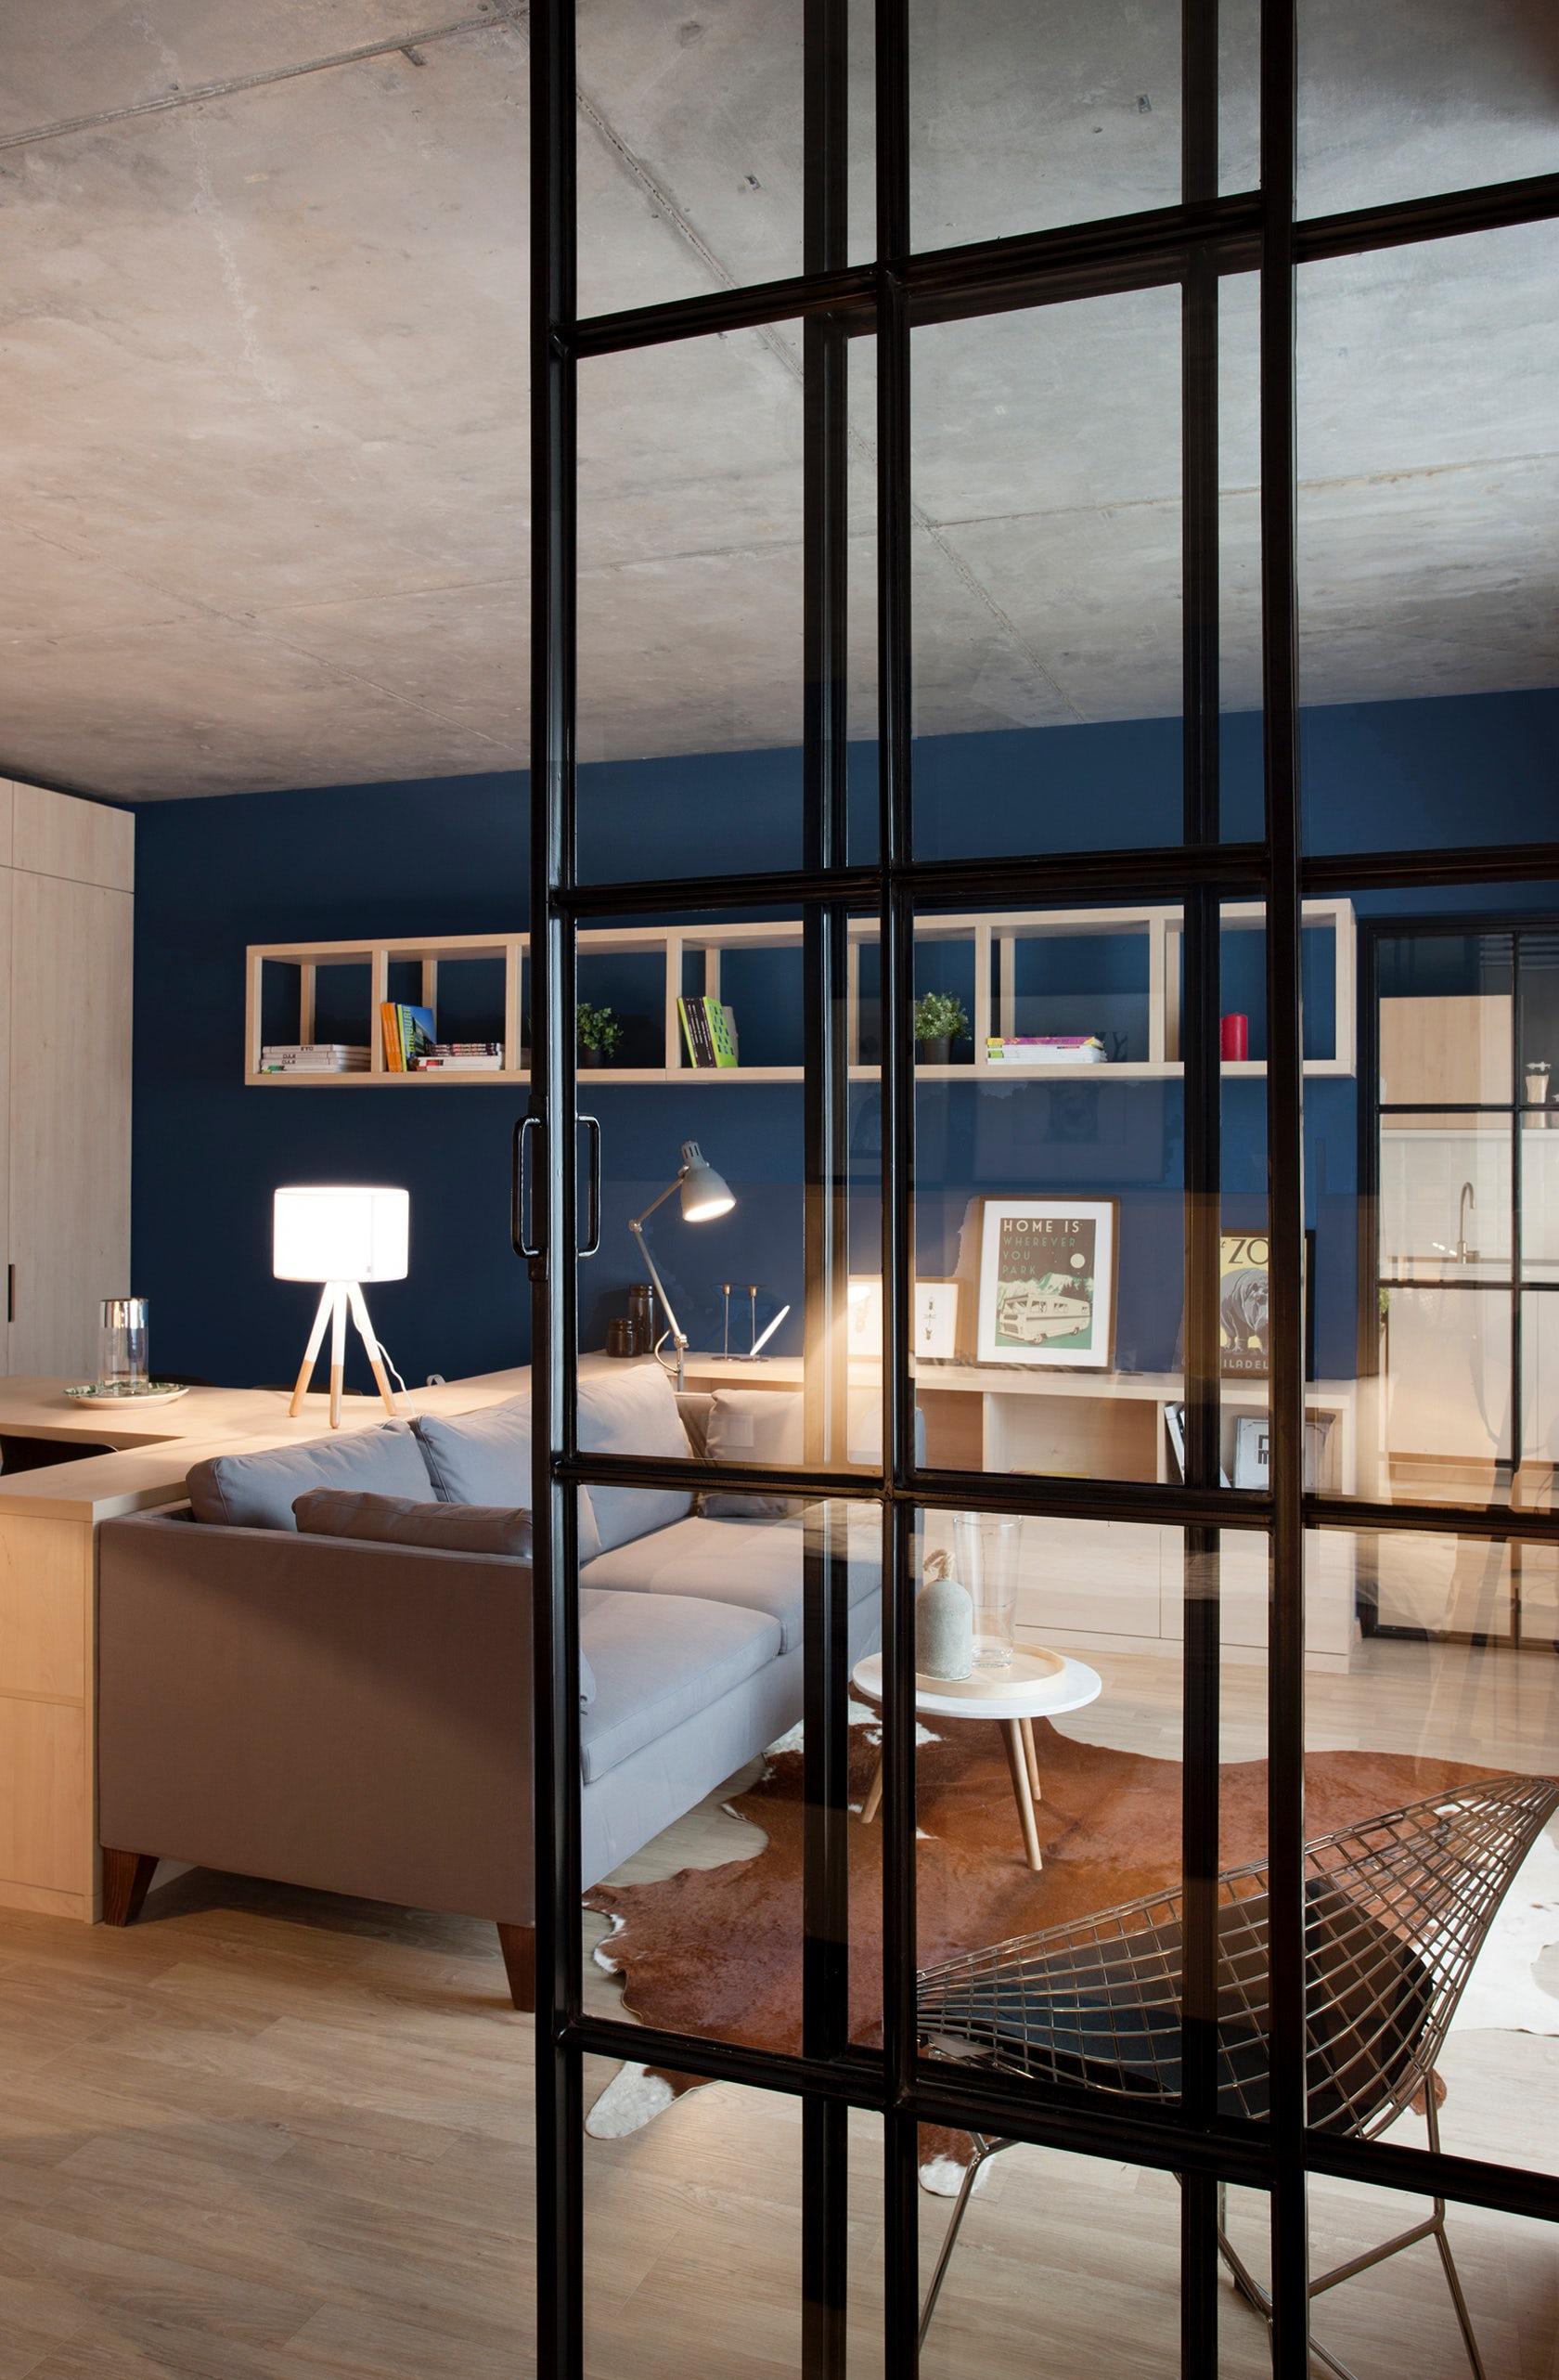 Mục tiêu của kiến trúc sư là tạo ra một không gian thoải mái, giúp mọi người cảm thấy vui vẻ hơn và tâm trạng trở nên phấn chấn hơn ngay khi bước vào